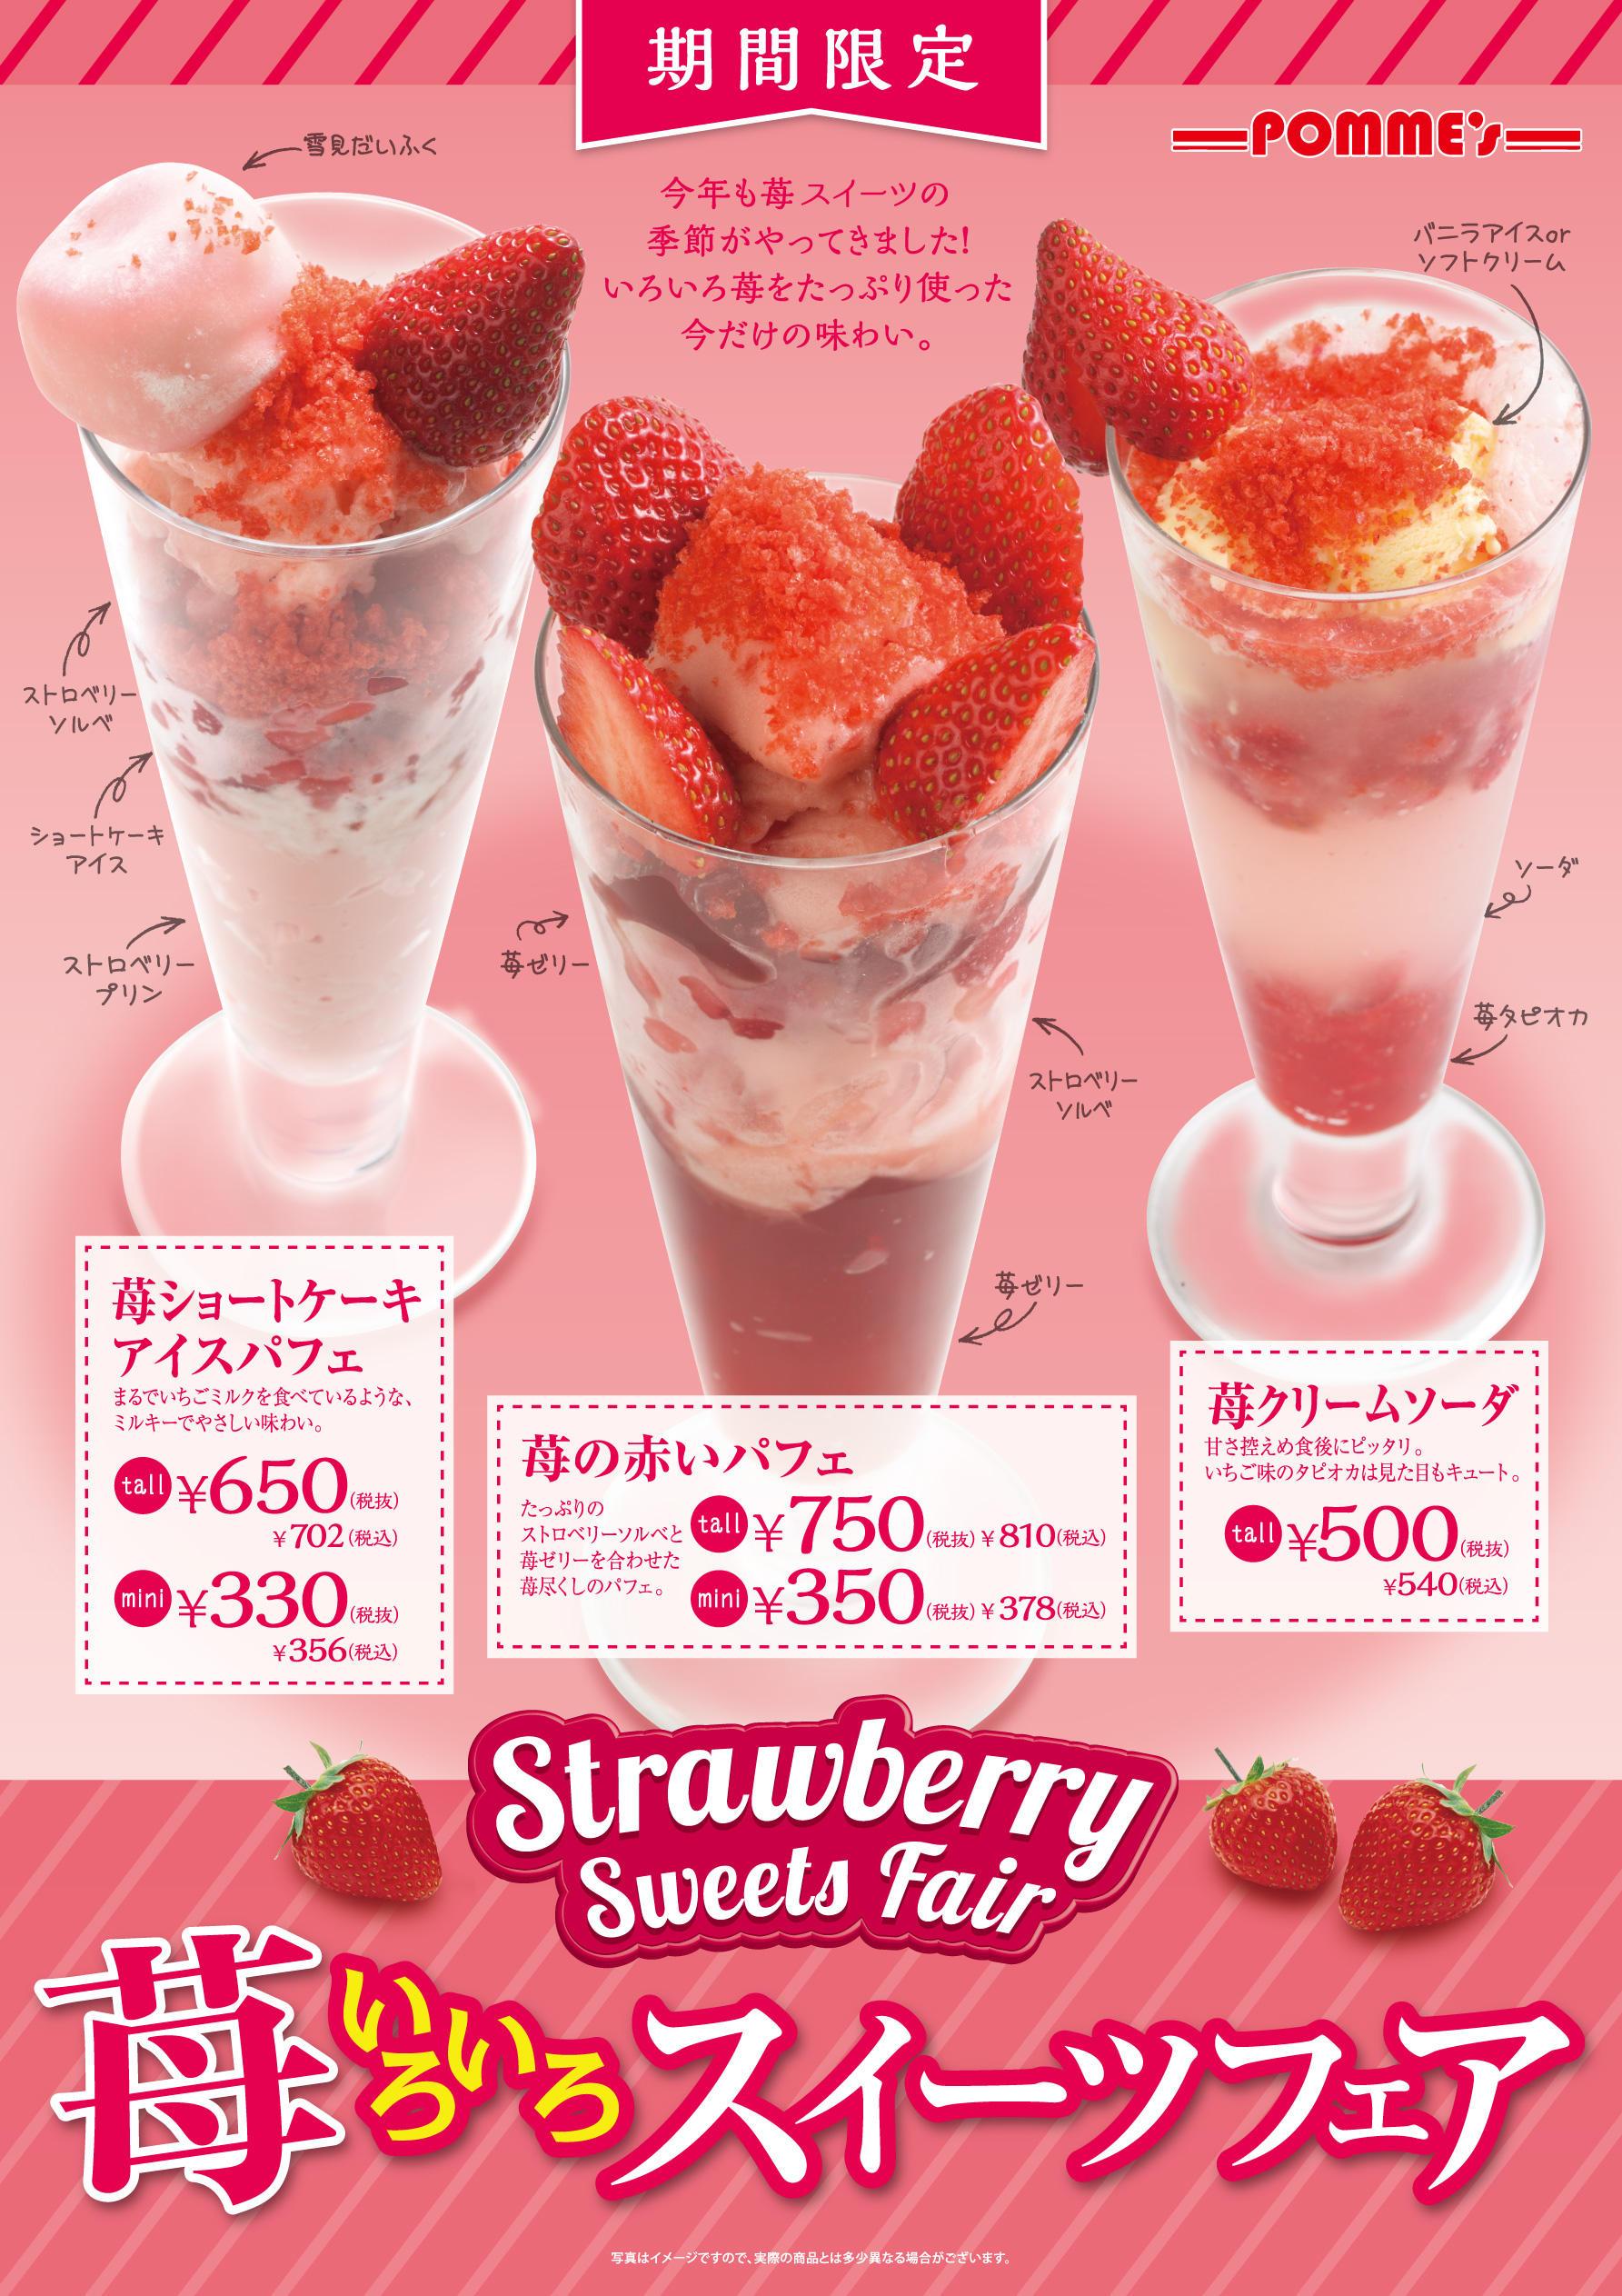 【期間限定】苺いろいろスイーツフェア